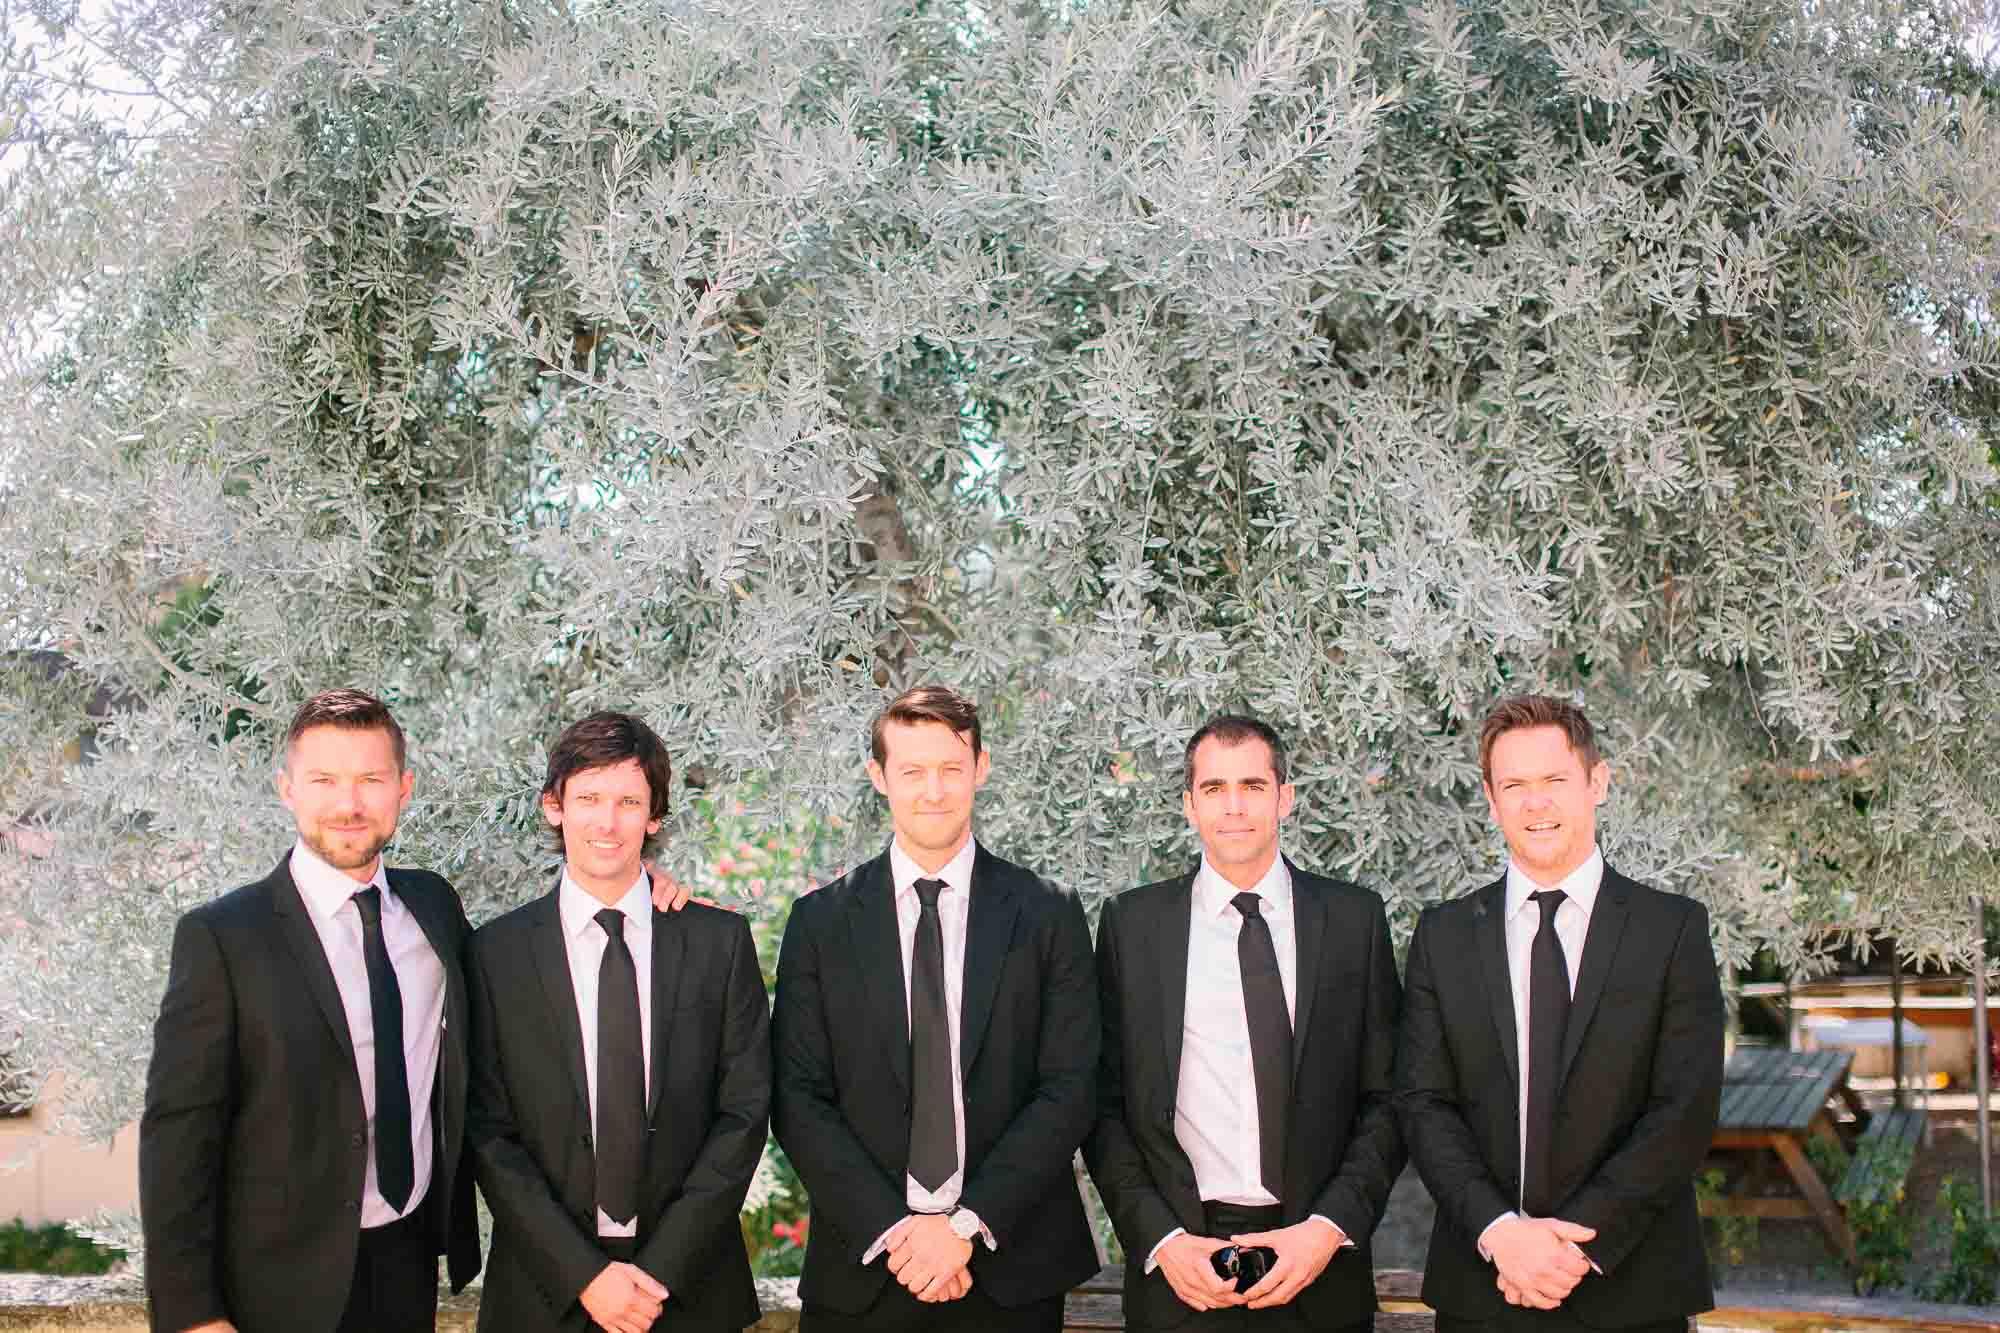 Firenze wedding photographer-27.jpg